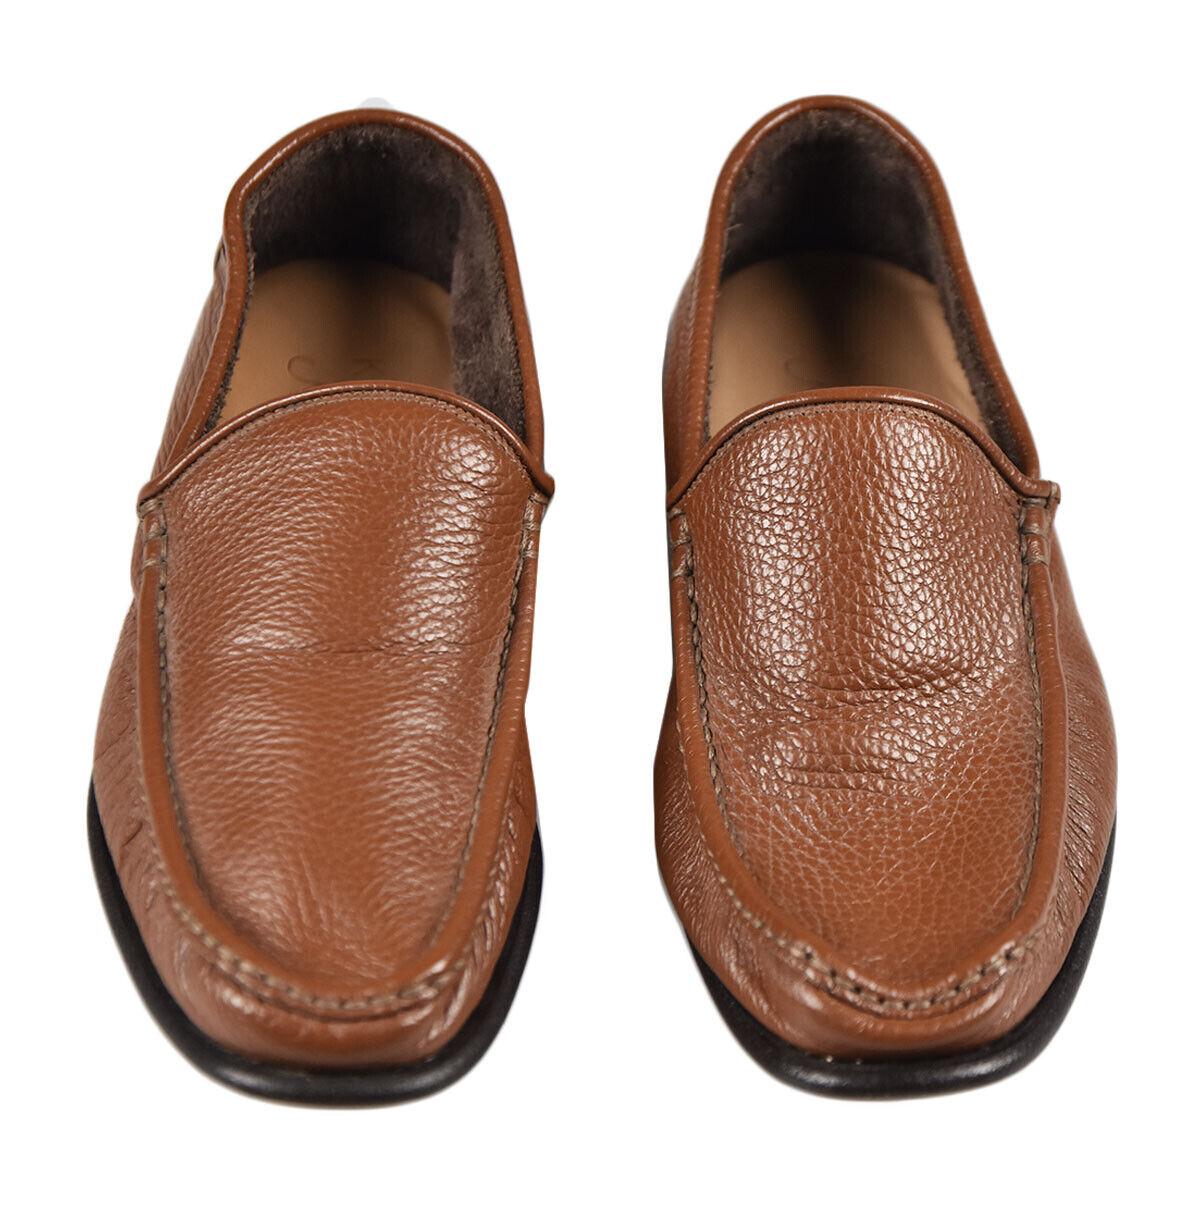 Nuevos Mocasines zapatos zapatos zapatos 100% Cuero Kiton Sz 7 US 40 EU 19O131A 21f6fc